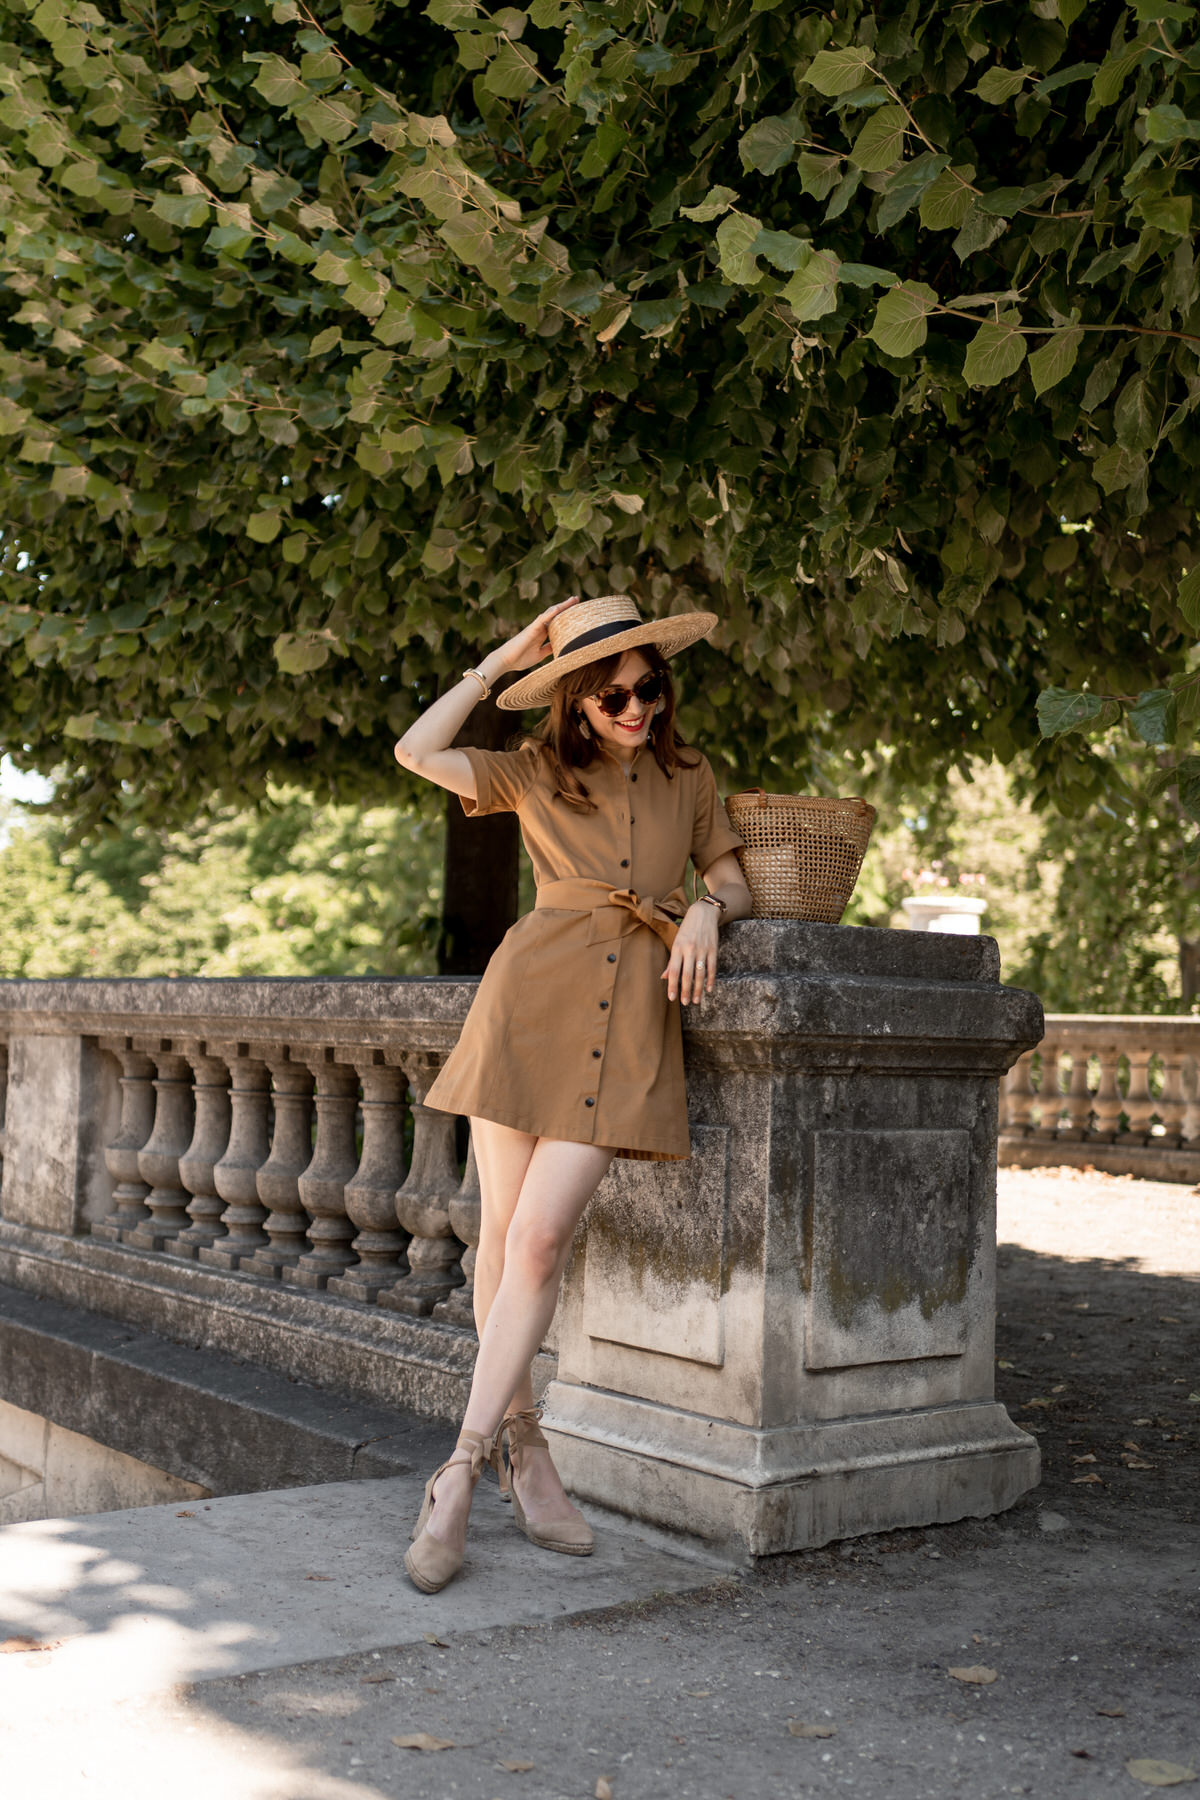 comment-porter-robe-chemise-3